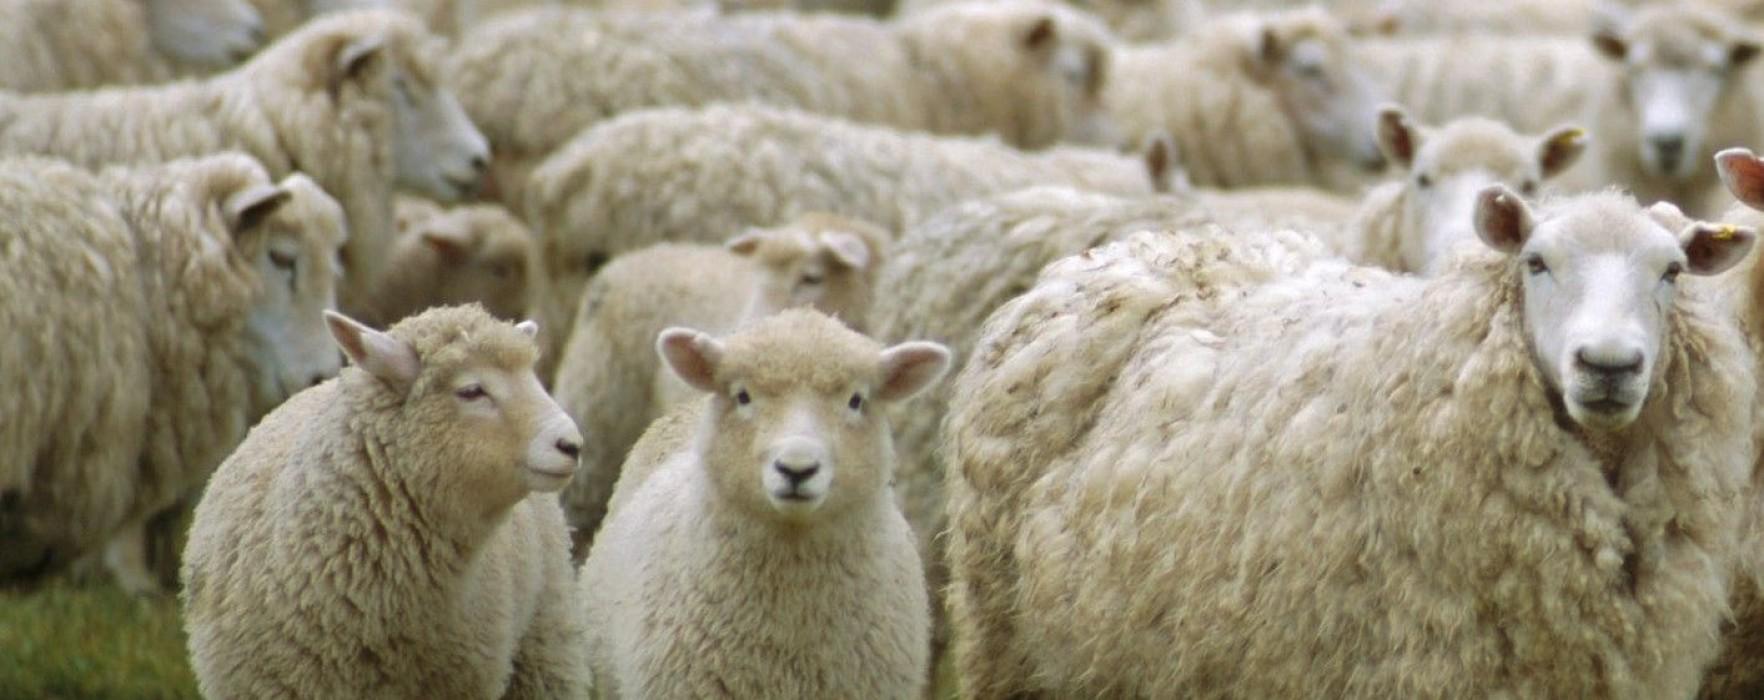 Dâmboviţa: Percheziţii la hoţi de ovine; 140 de animale fuseseră furate în câteva zile